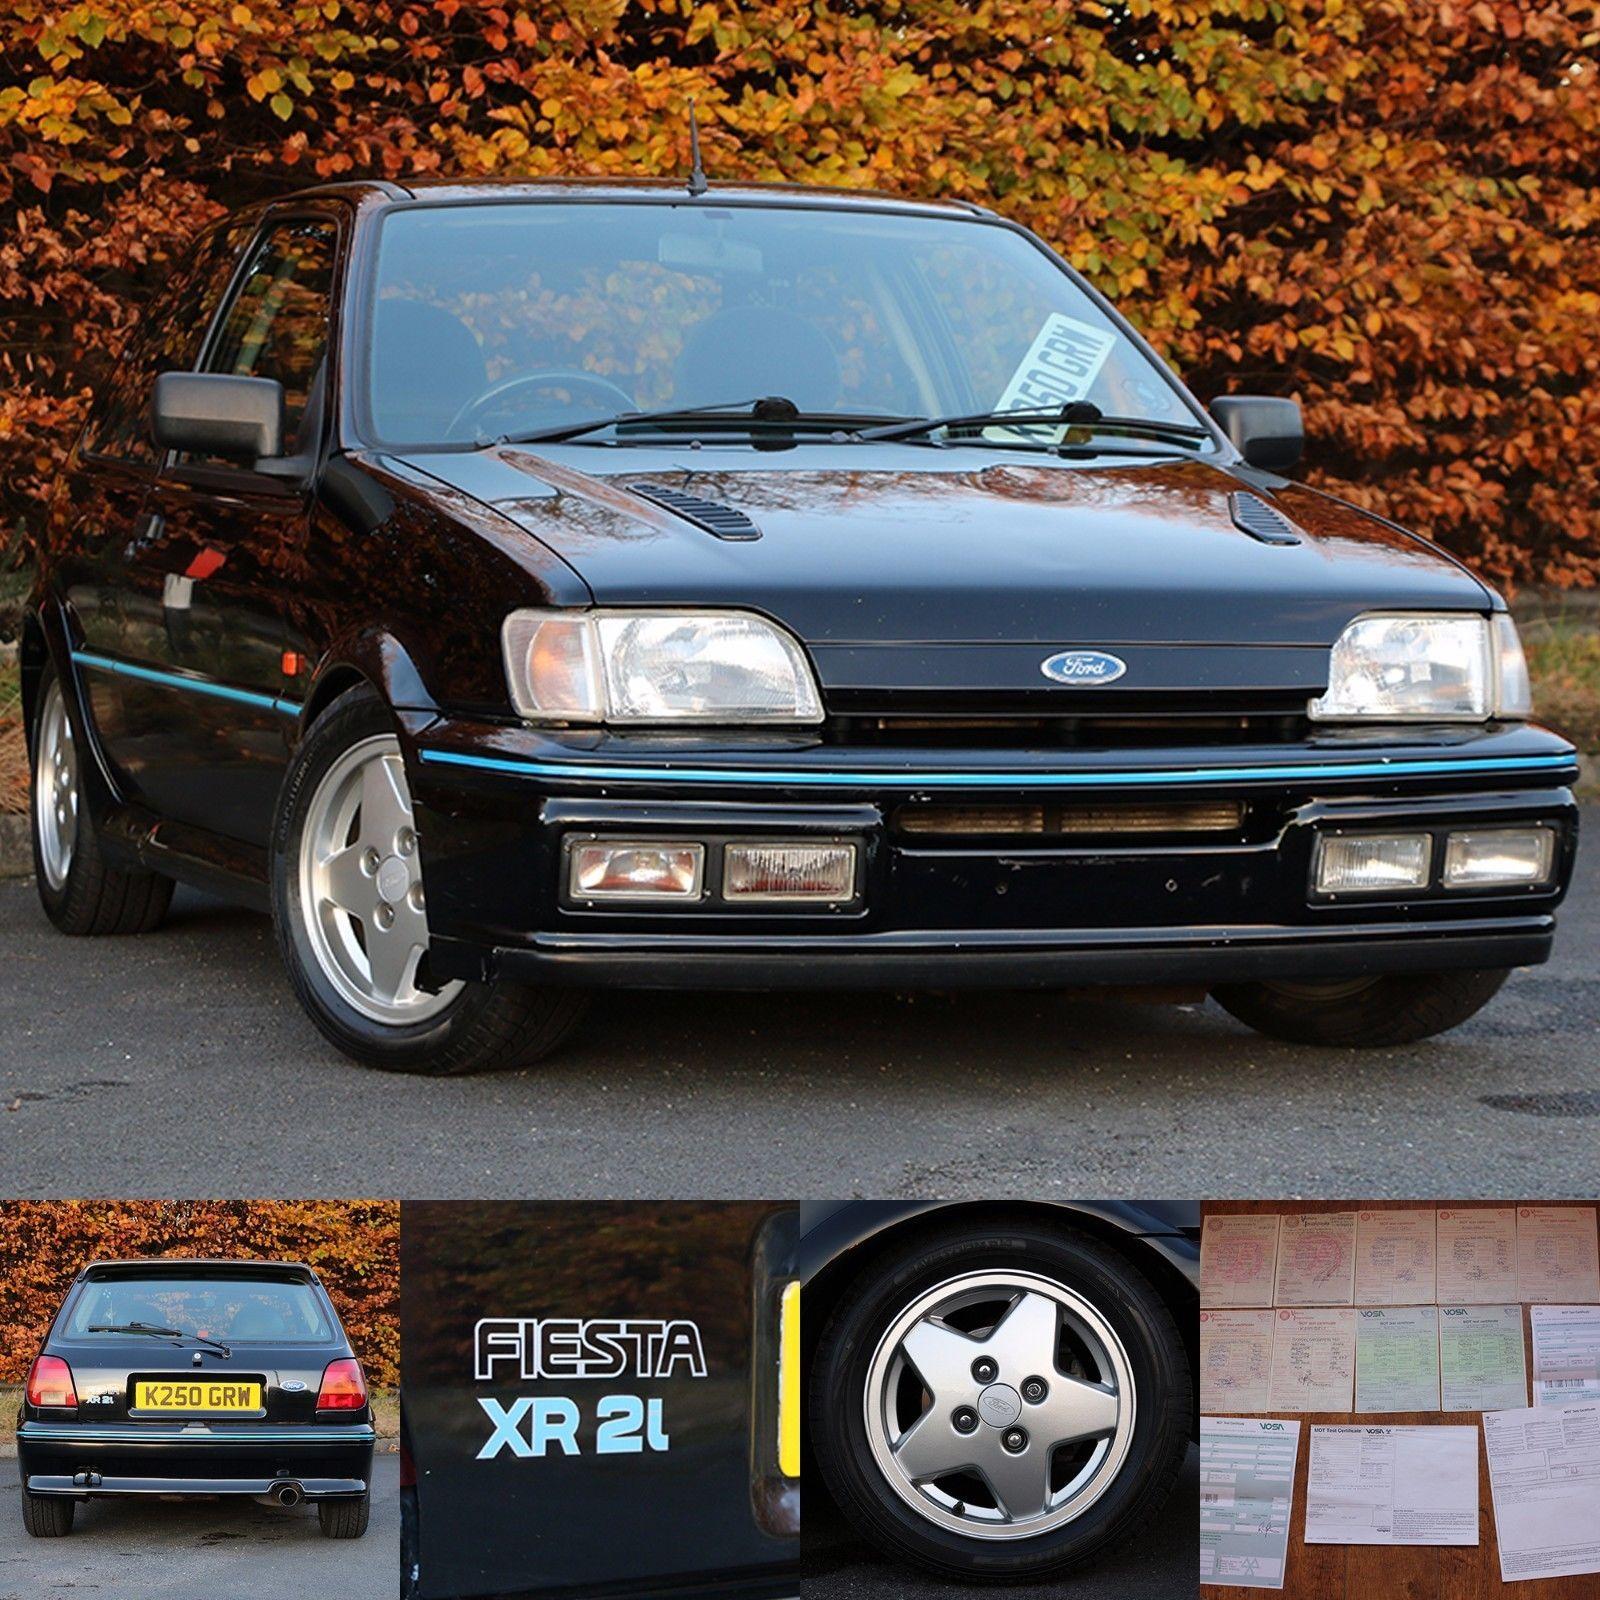 looking for a 1993 ford fiesta mk3 1 8 16v xr2i black genuine 79 300 miles mot may 2018. Black Bedroom Furniture Sets. Home Design Ideas